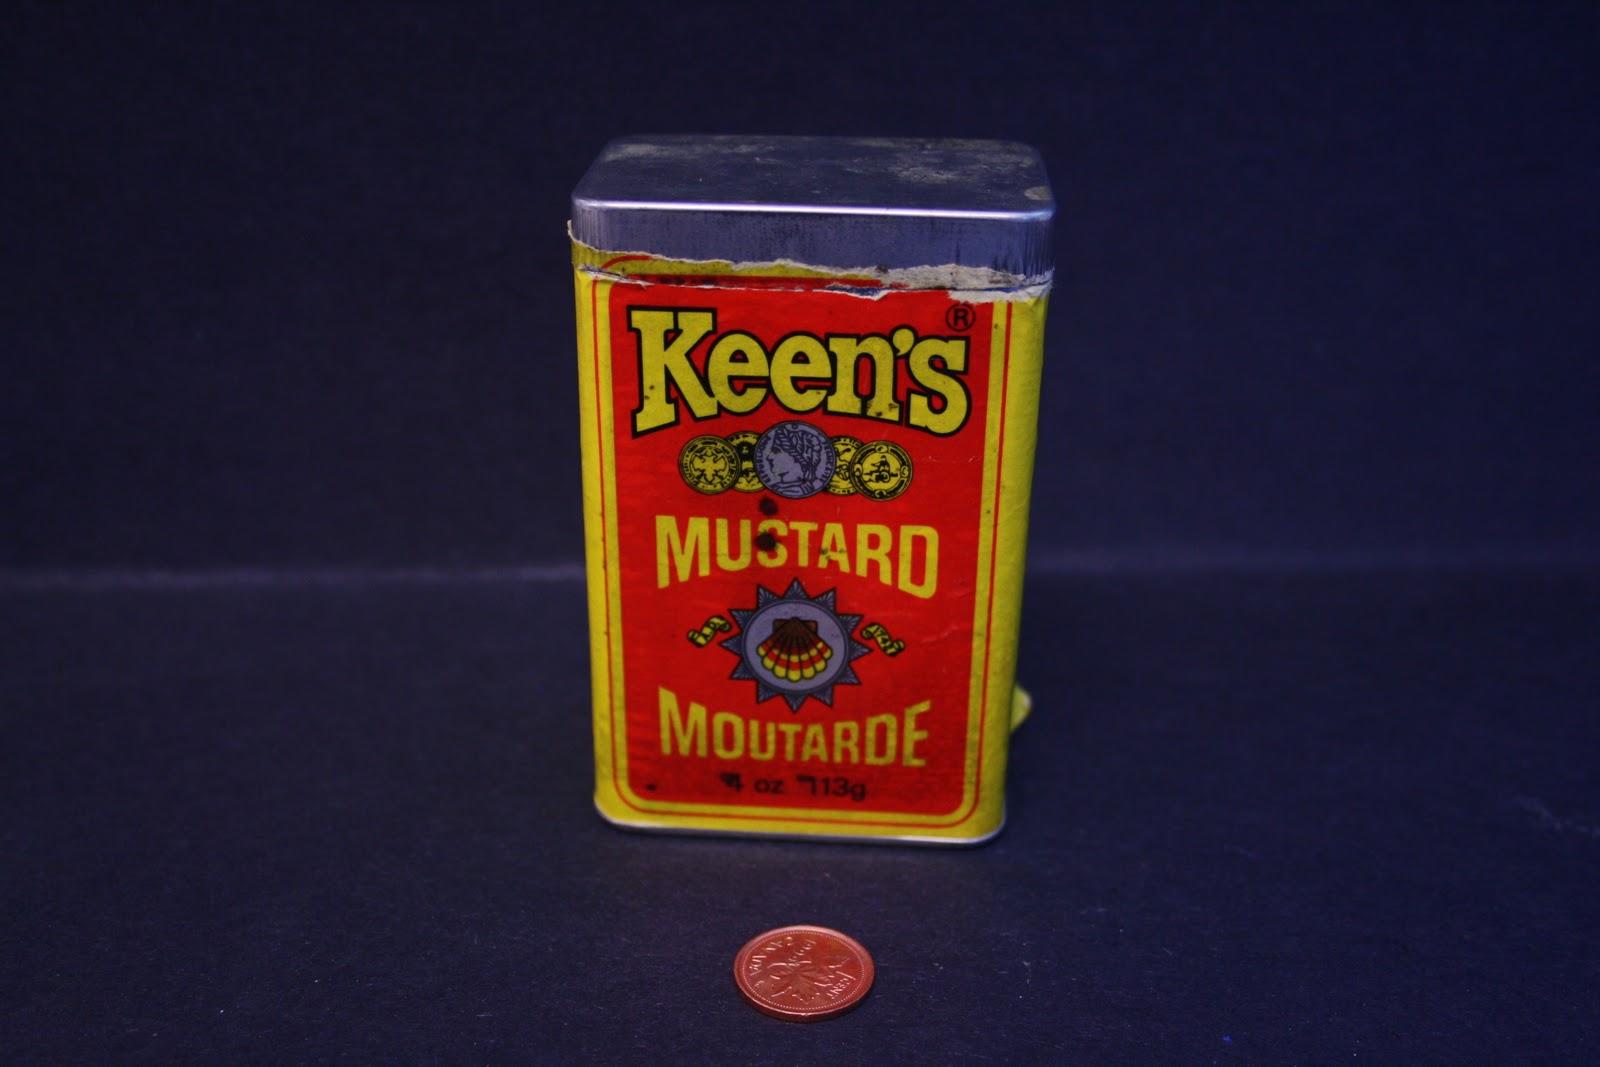 keen's mustard recipes